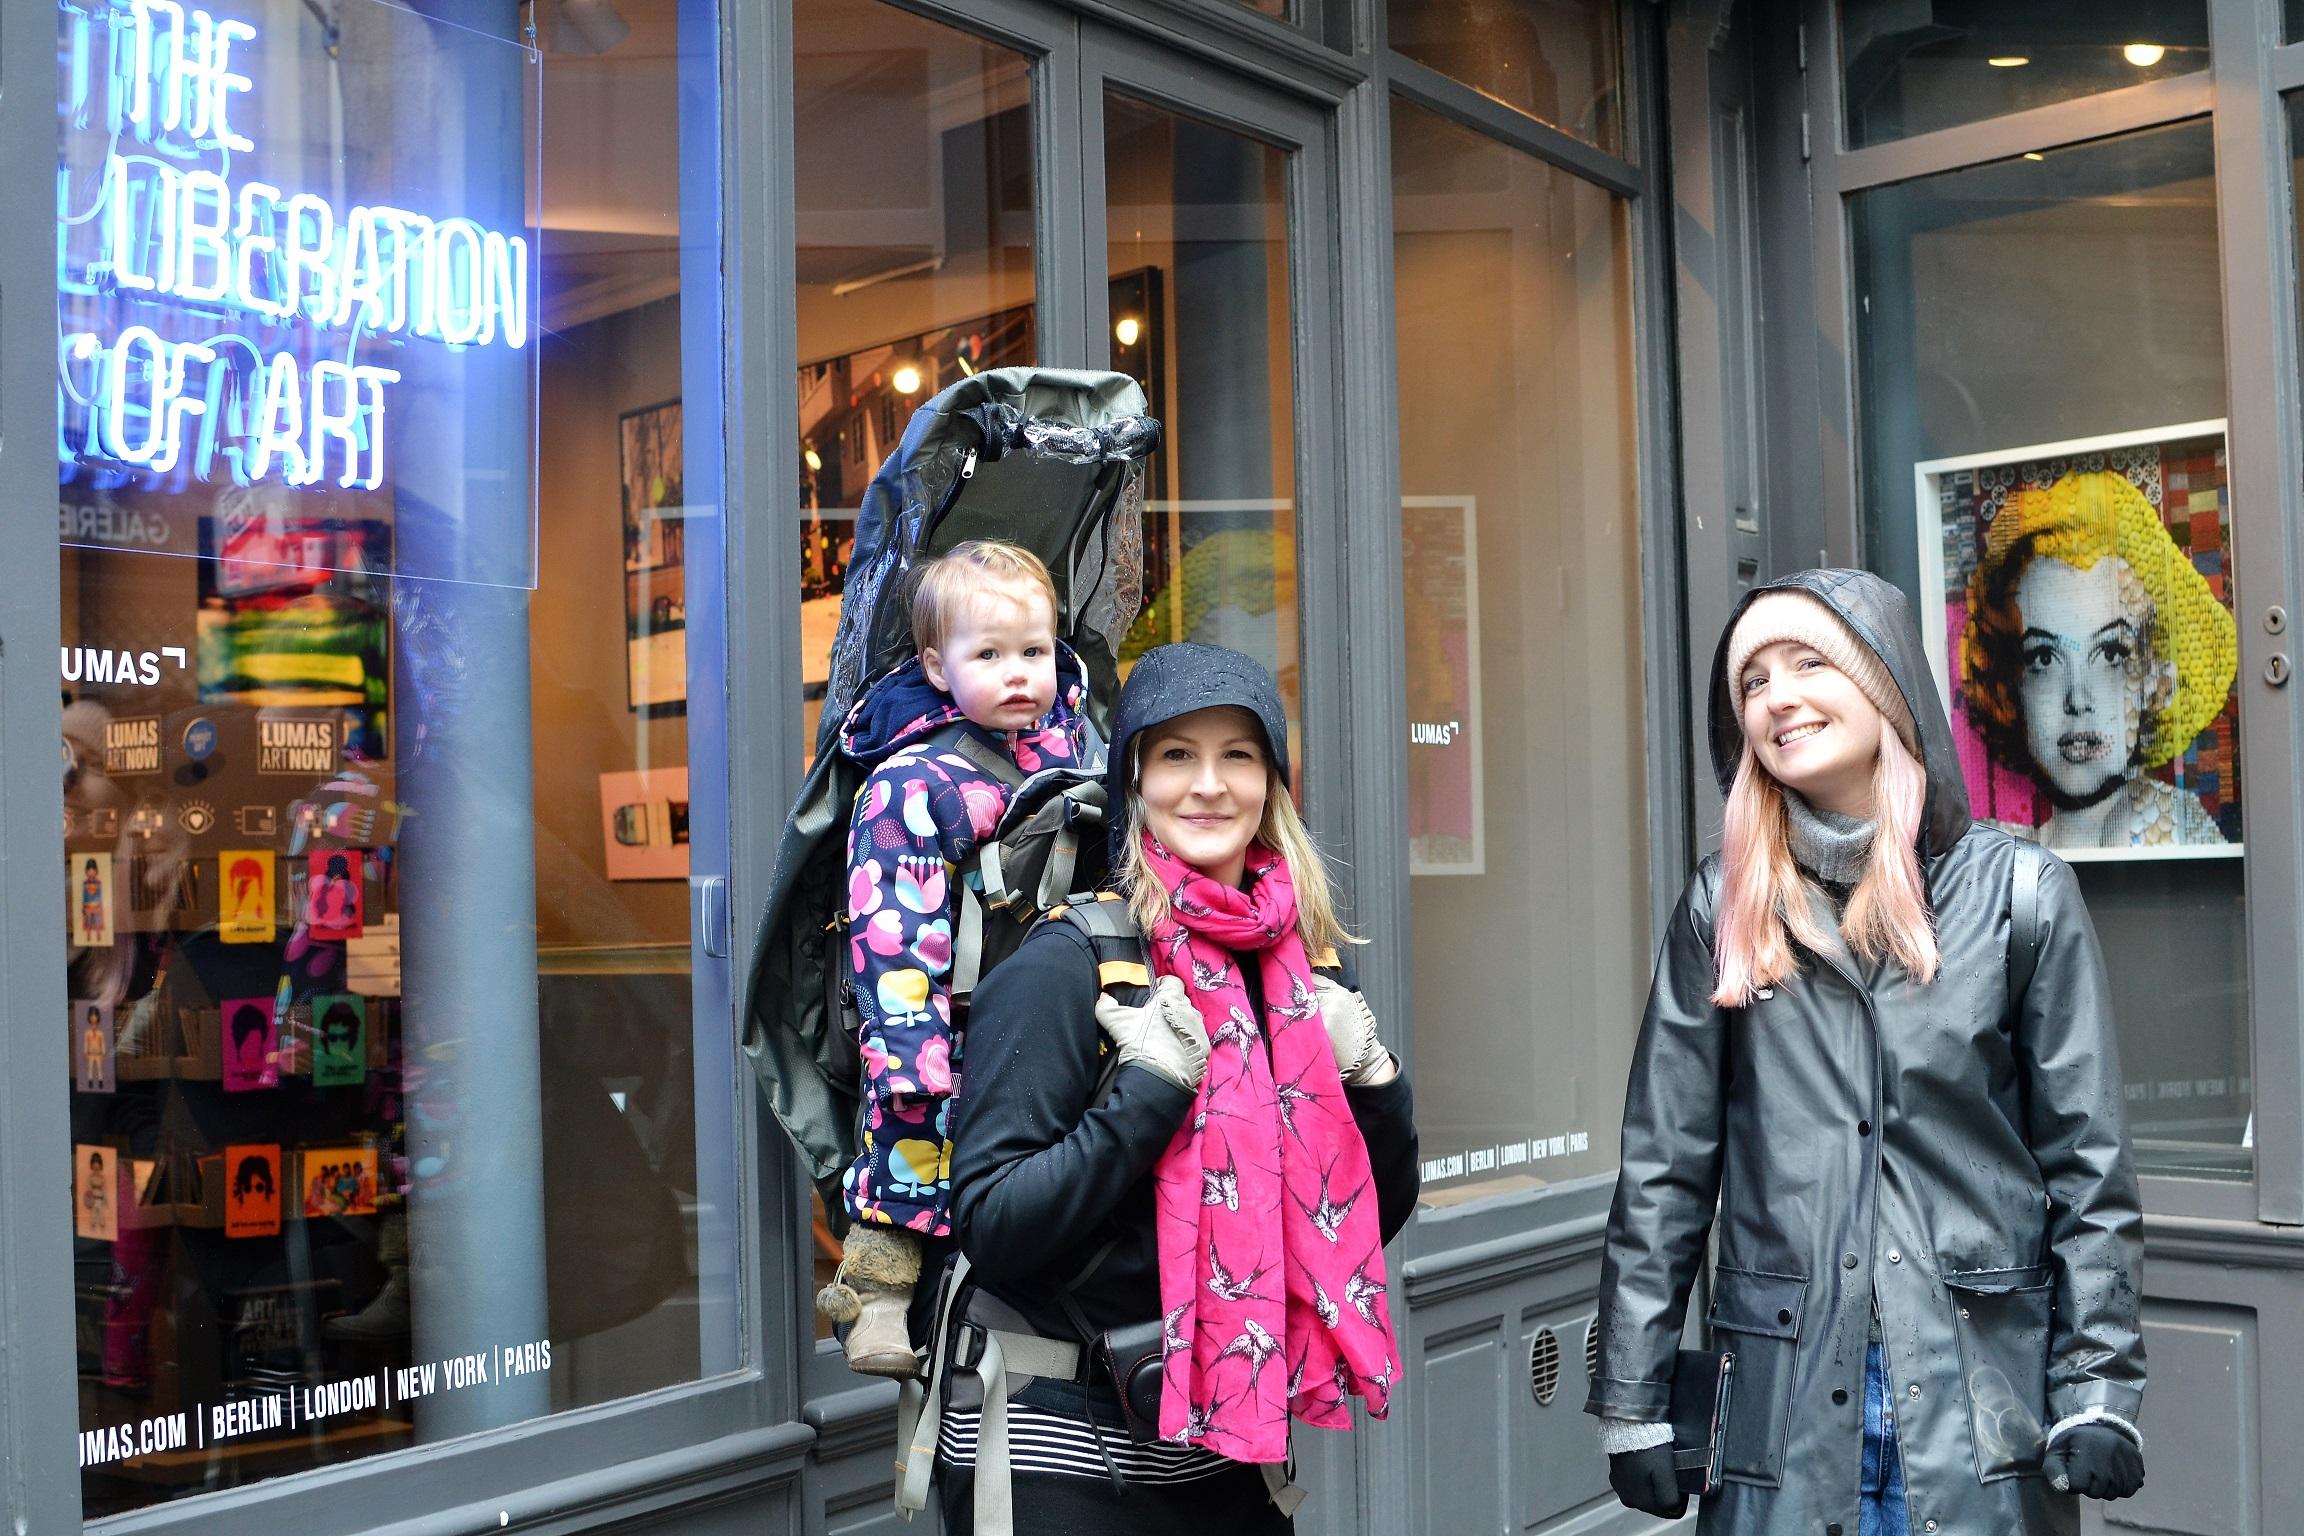 Paris Walking tour liberation of art